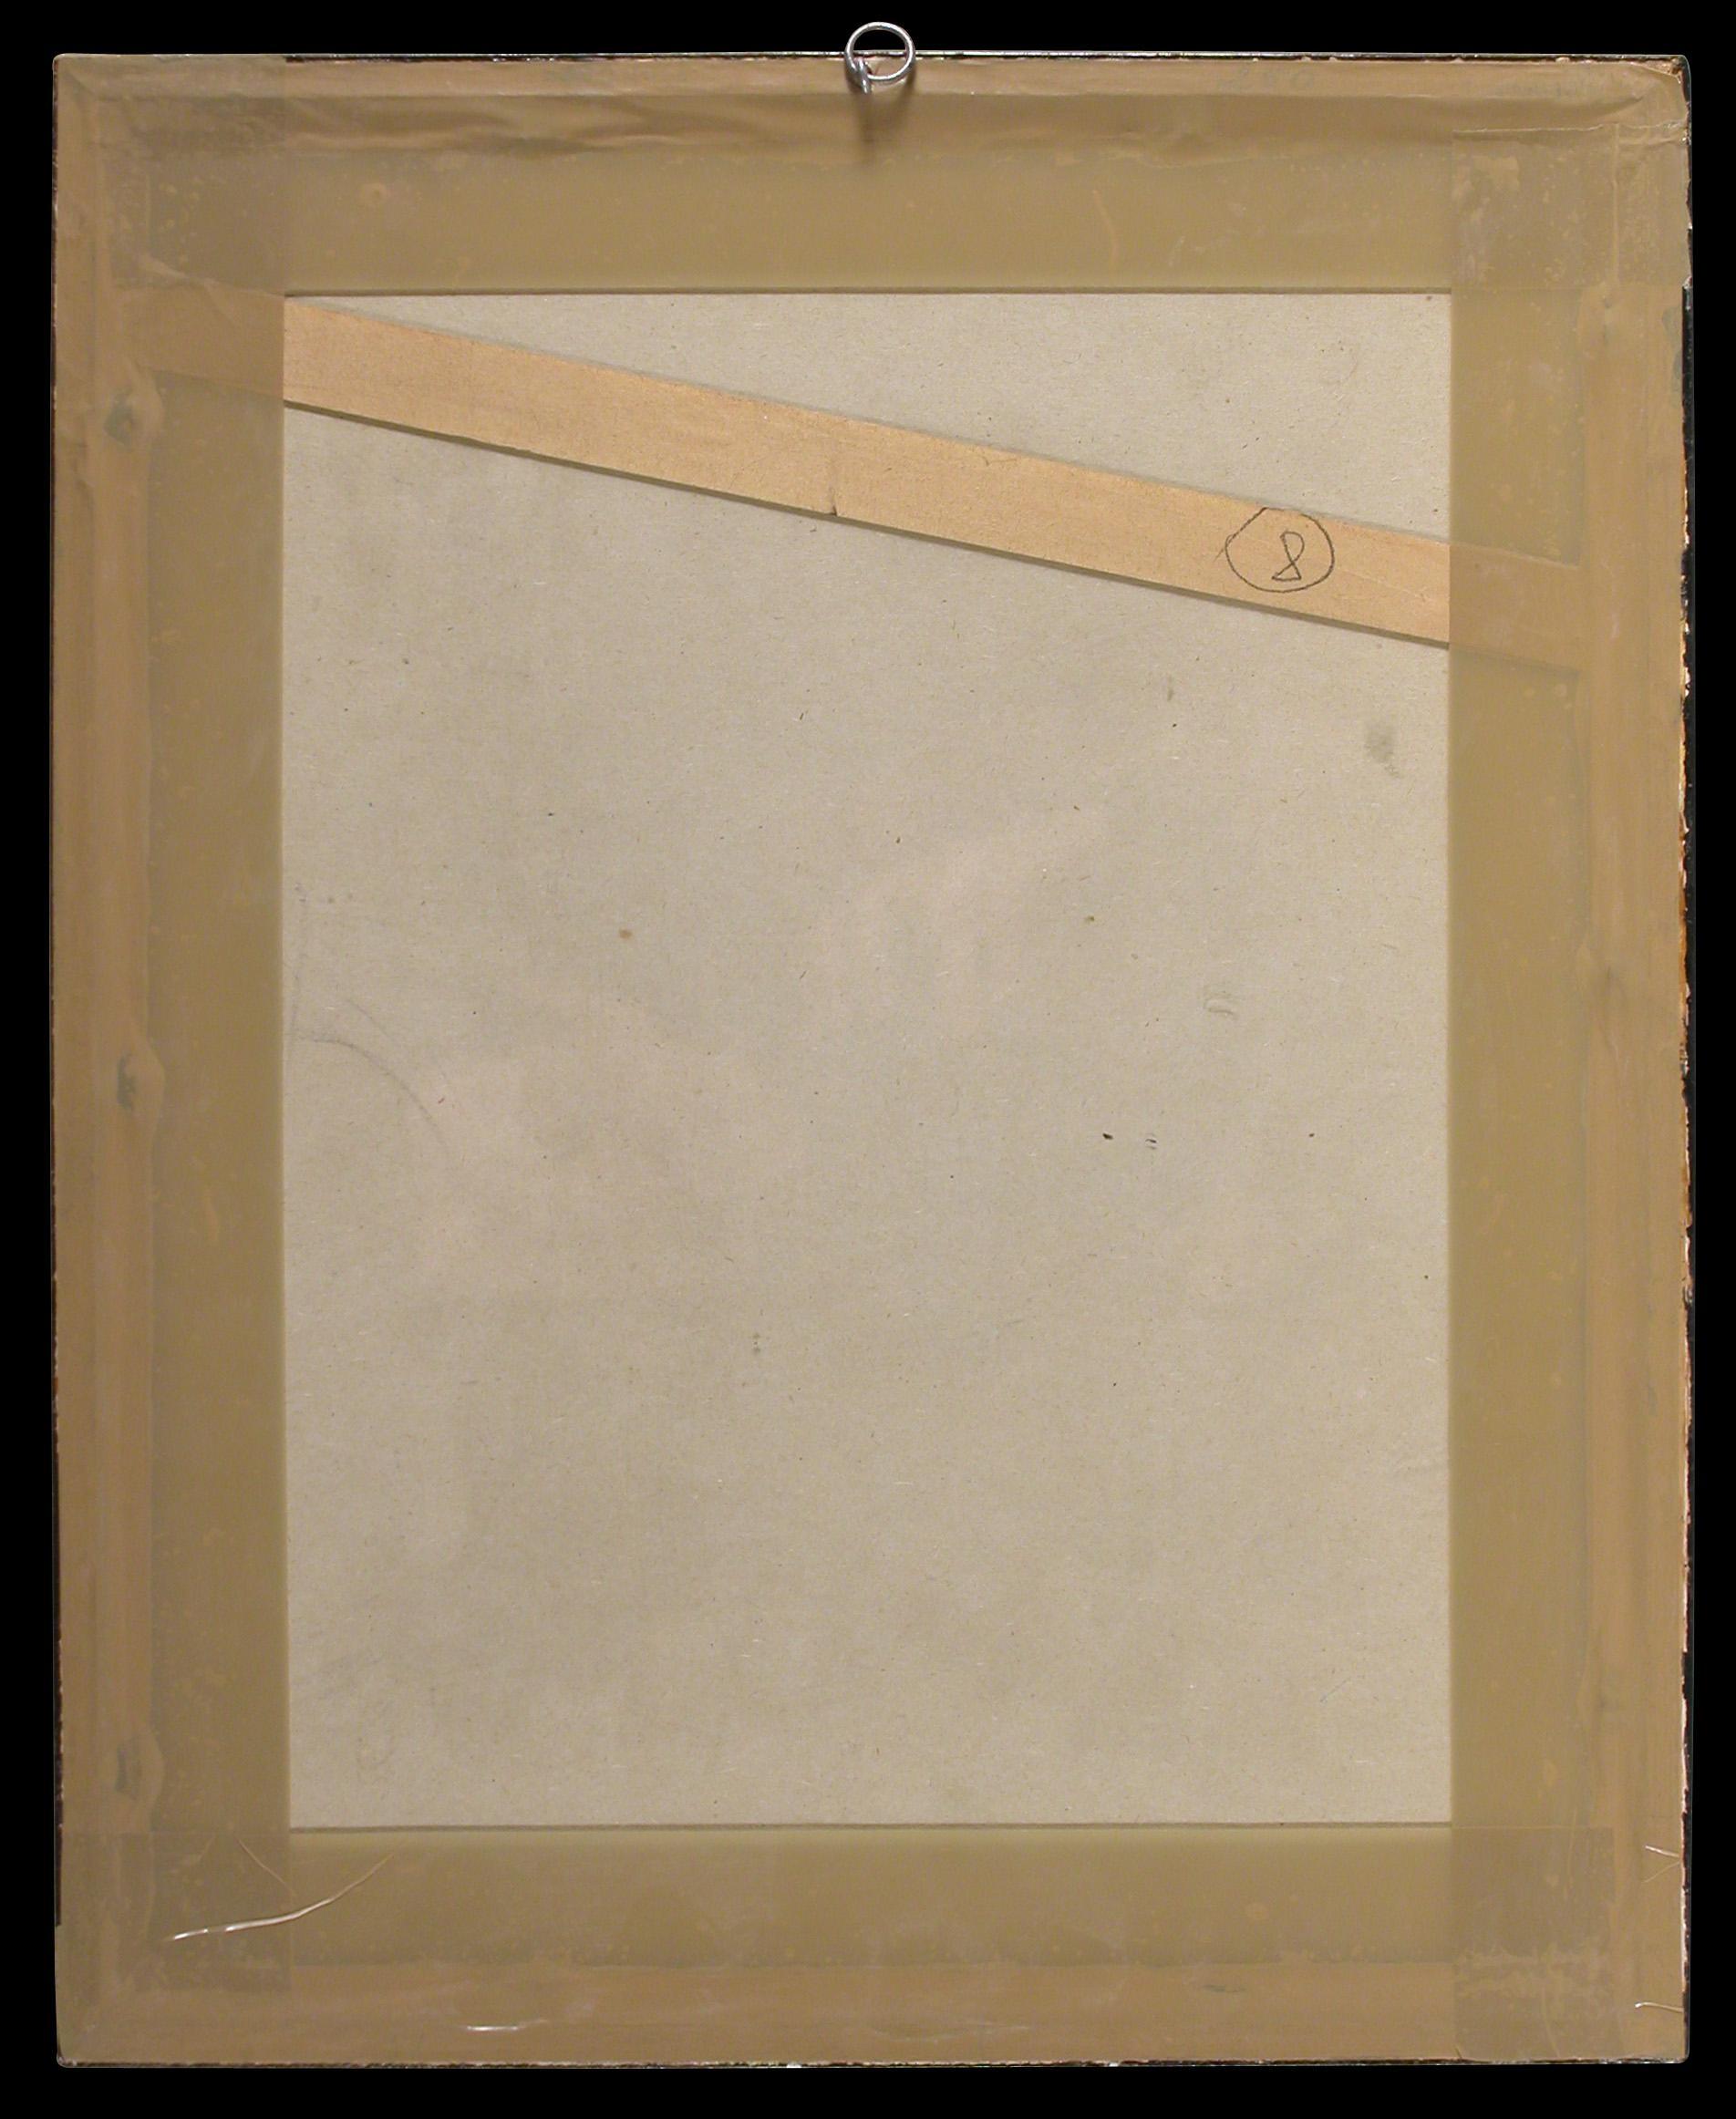 DSCN0722.JPG (1904×2324)